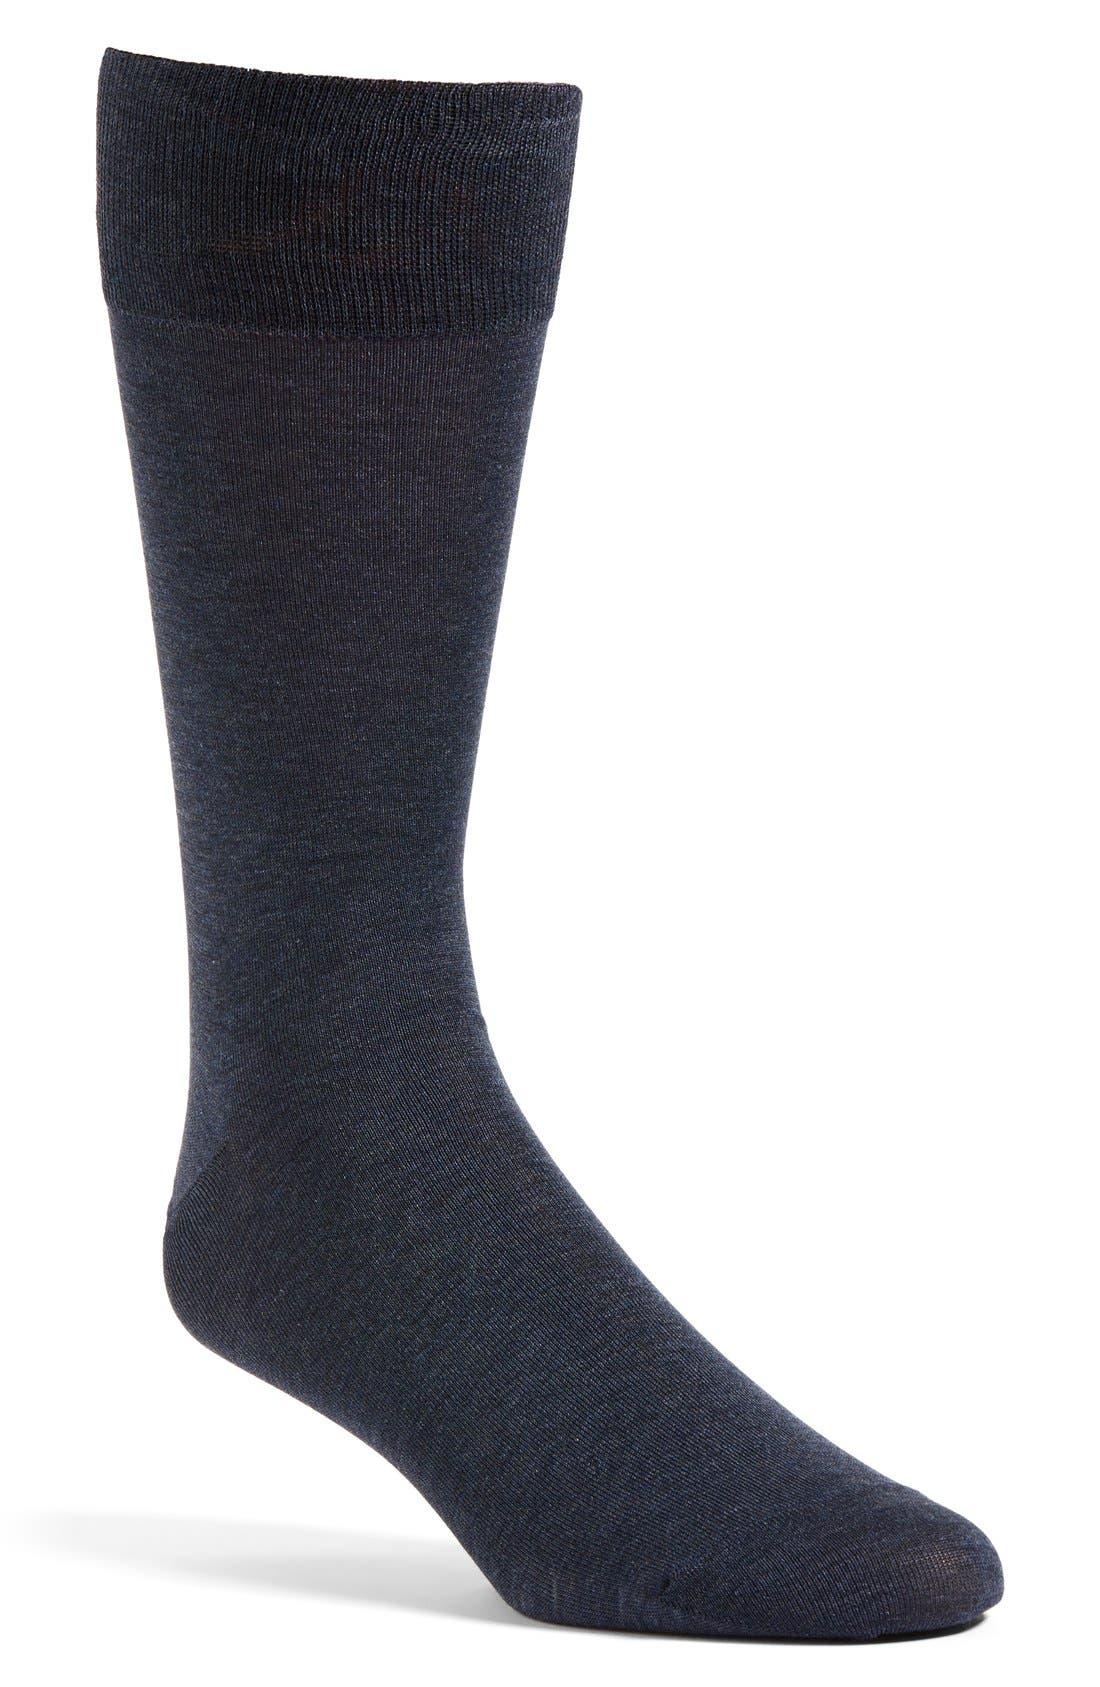 Main Image - John W. Nordstrom® Socks (Men) (3 for $40)